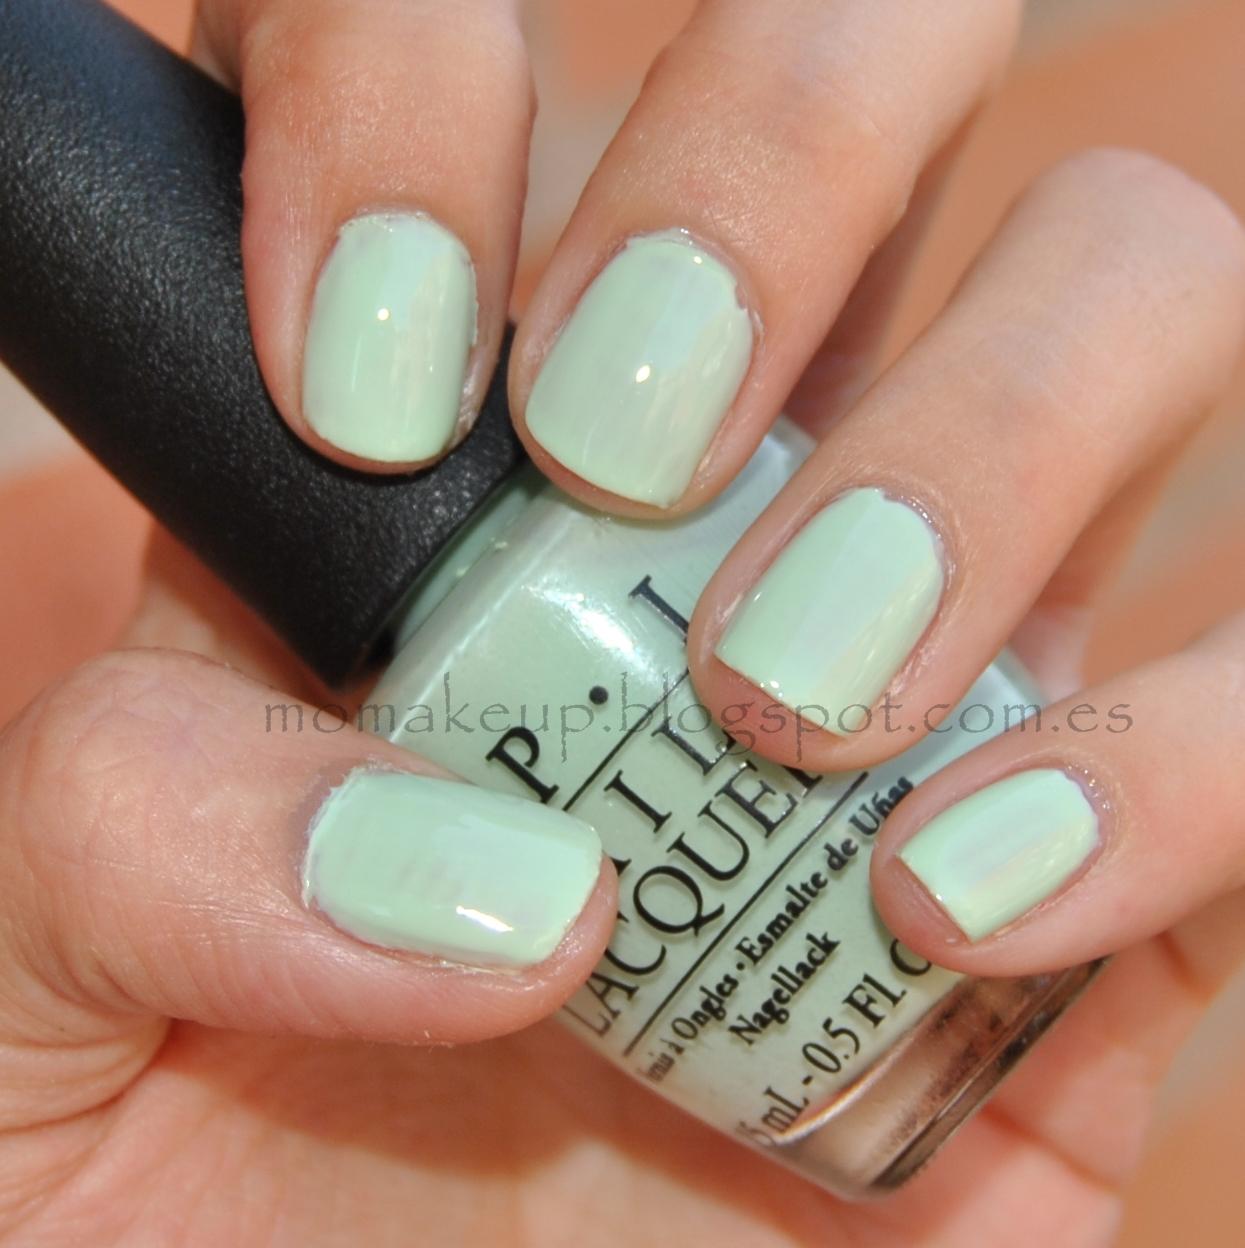 Asombroso Uñas De Gel Ovales Imagen - Ideas de Pintar de Uñas ...